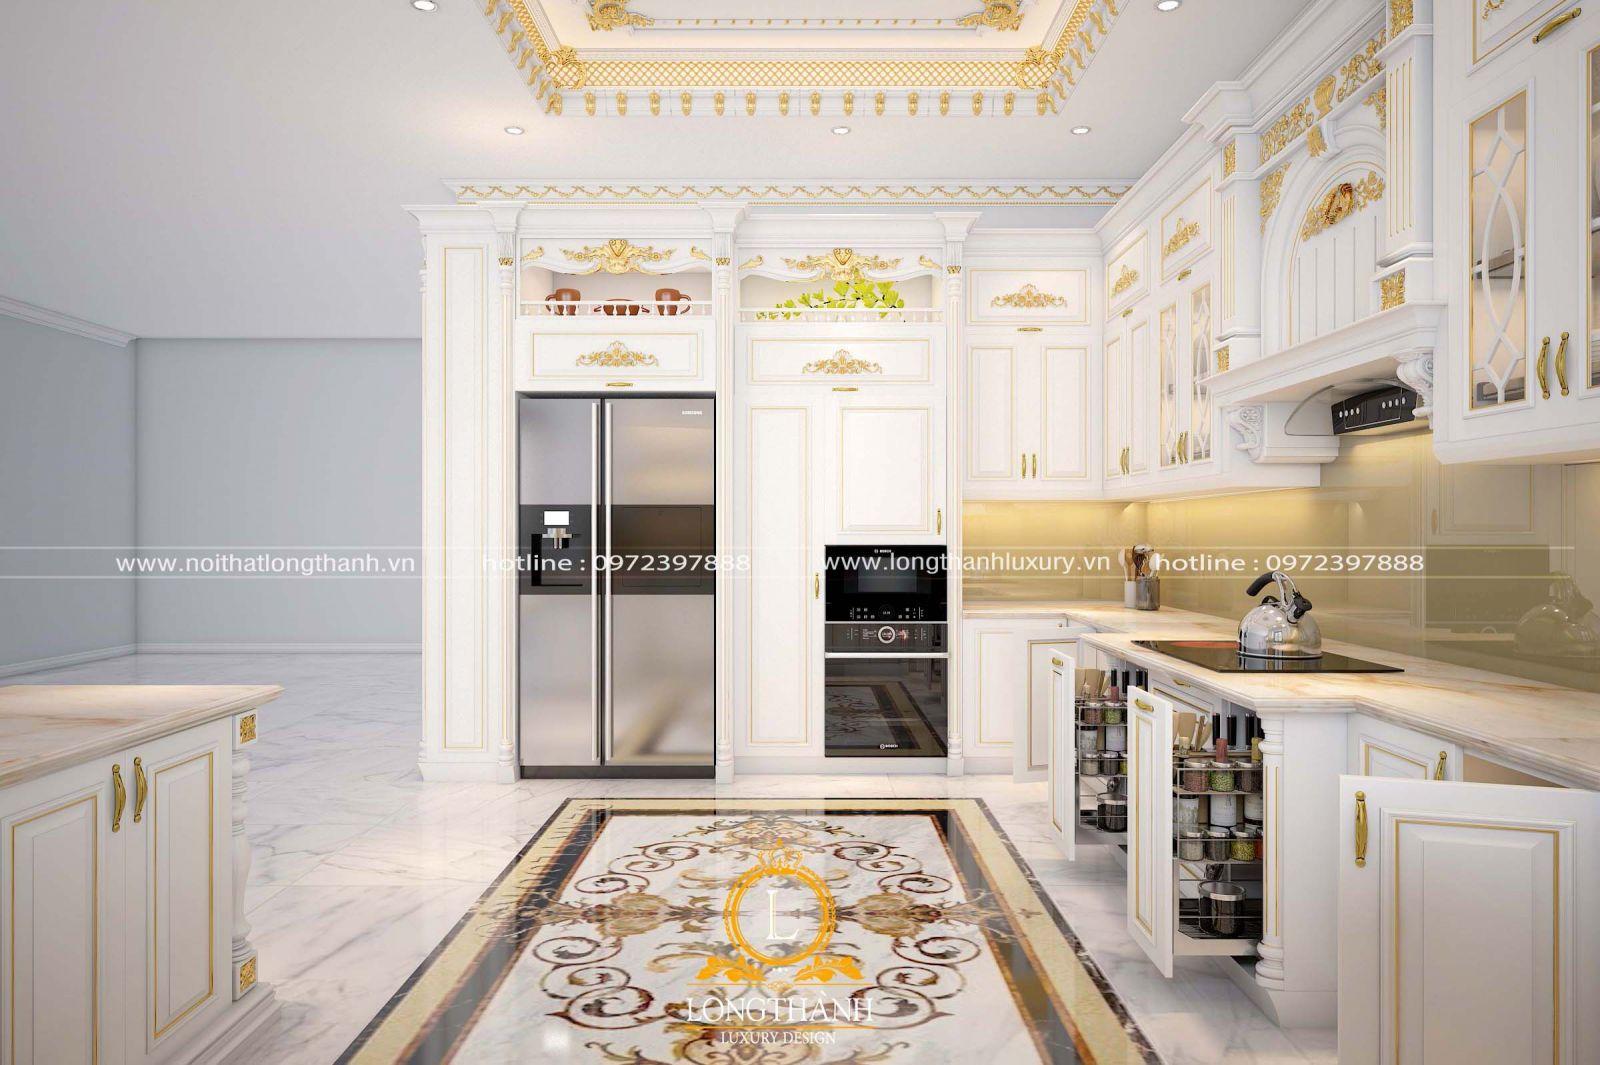 Mẫu tủ bếp sơn trắng phù hợp với tone màu của cả ngôi nhà